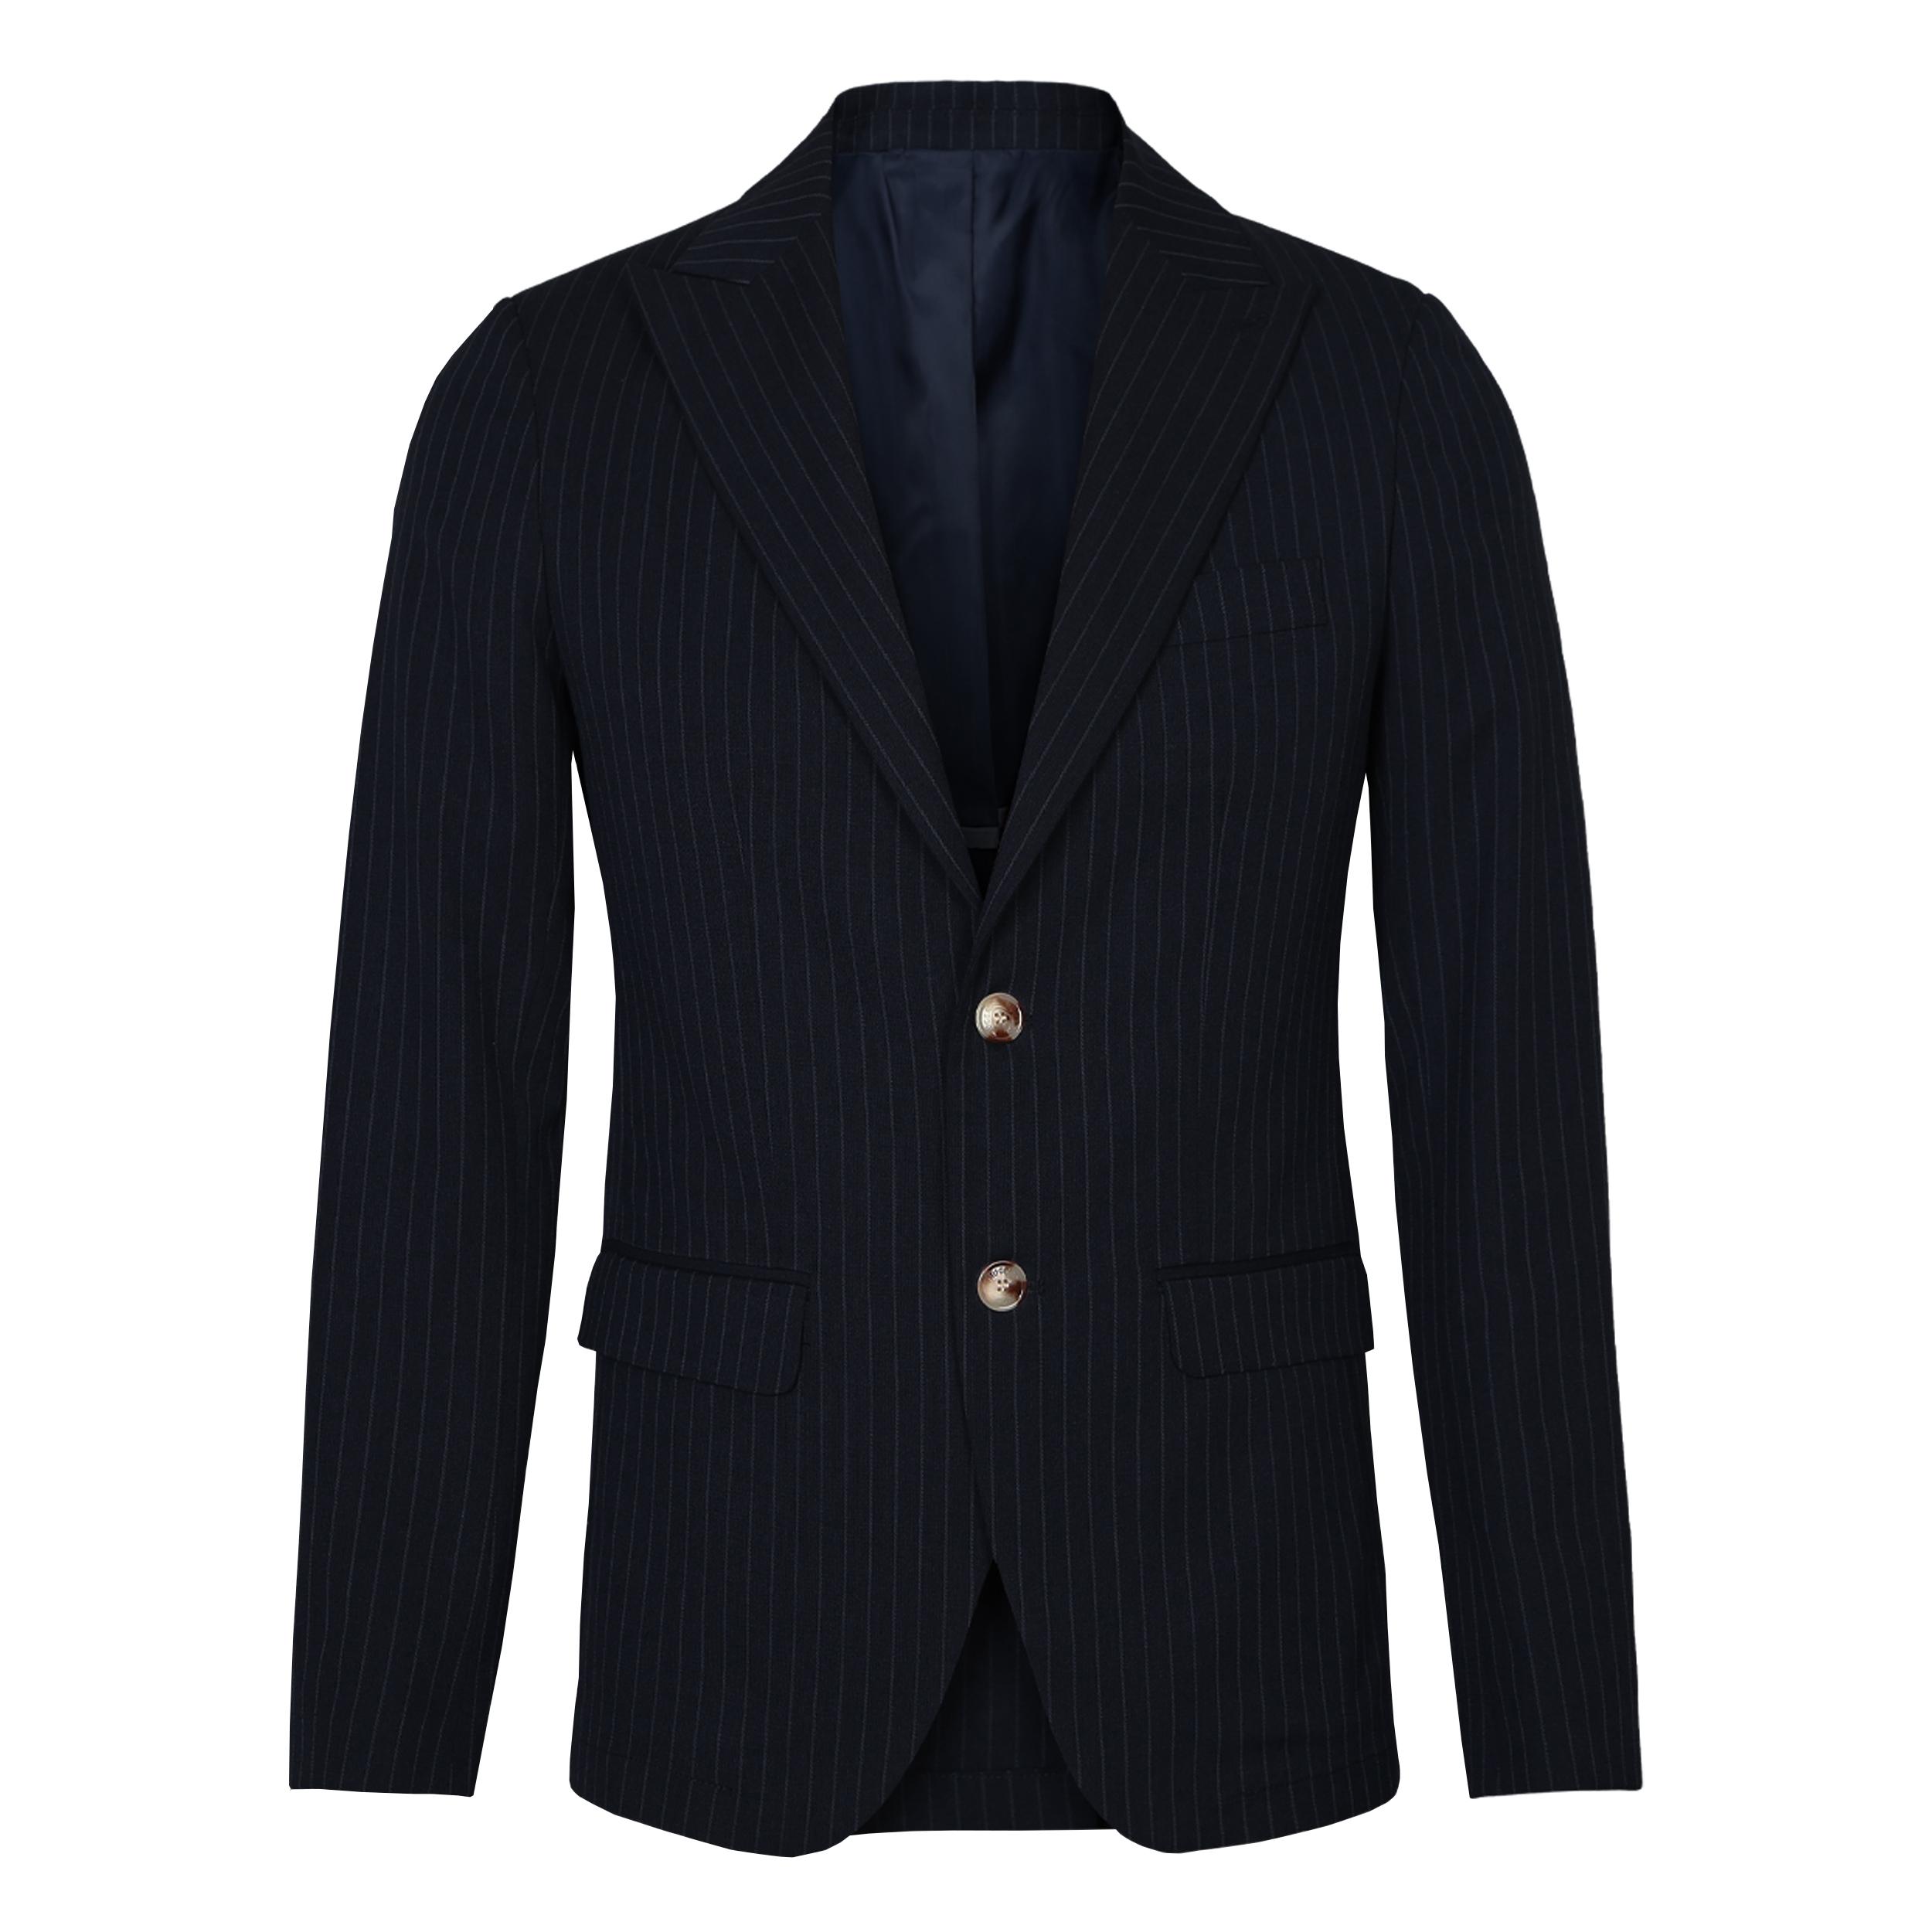 کت تک مردانه جی تی هوگرو مدل 1004004